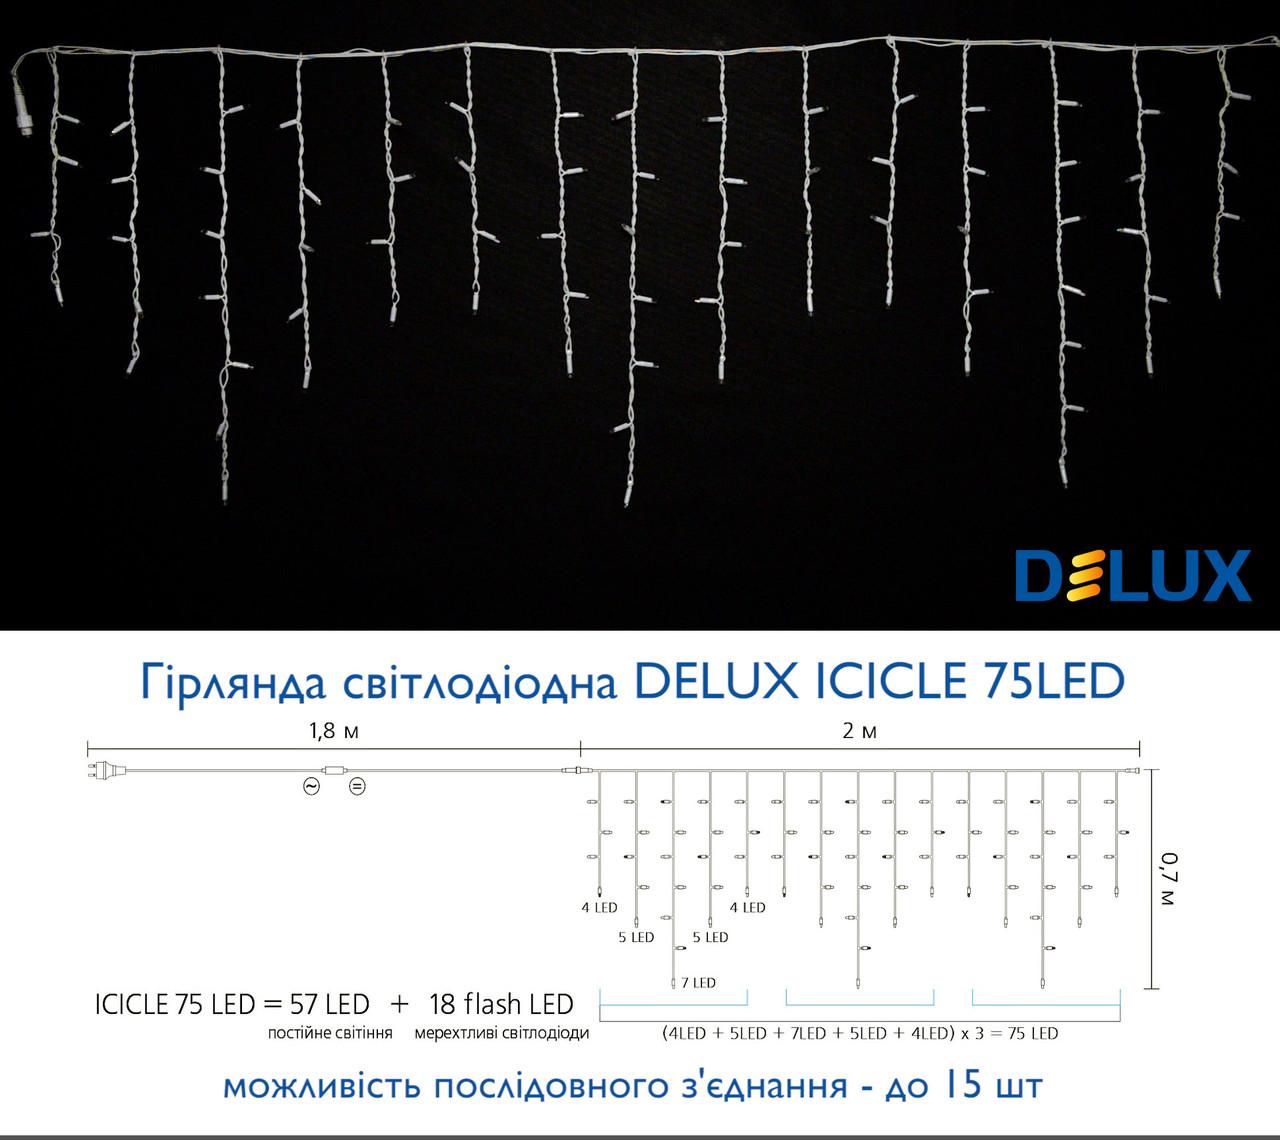 Гирлянда уличная DELUX ICICLE 75LED 2x0.7m 18 flash син/бел IP44 EN